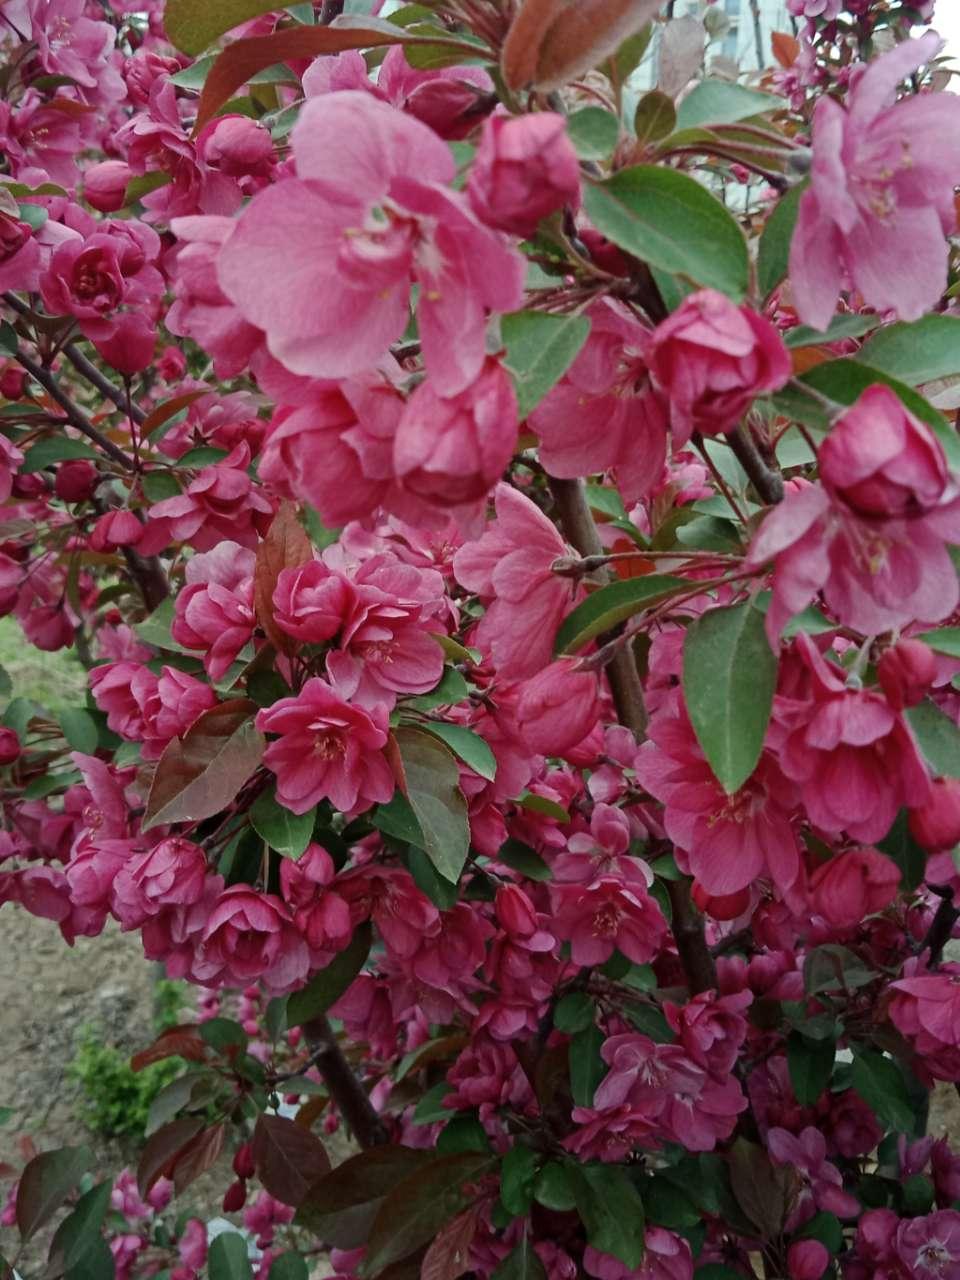 狼毒花,荠菜花,紫荆花,春天处处都好看-28.jpg